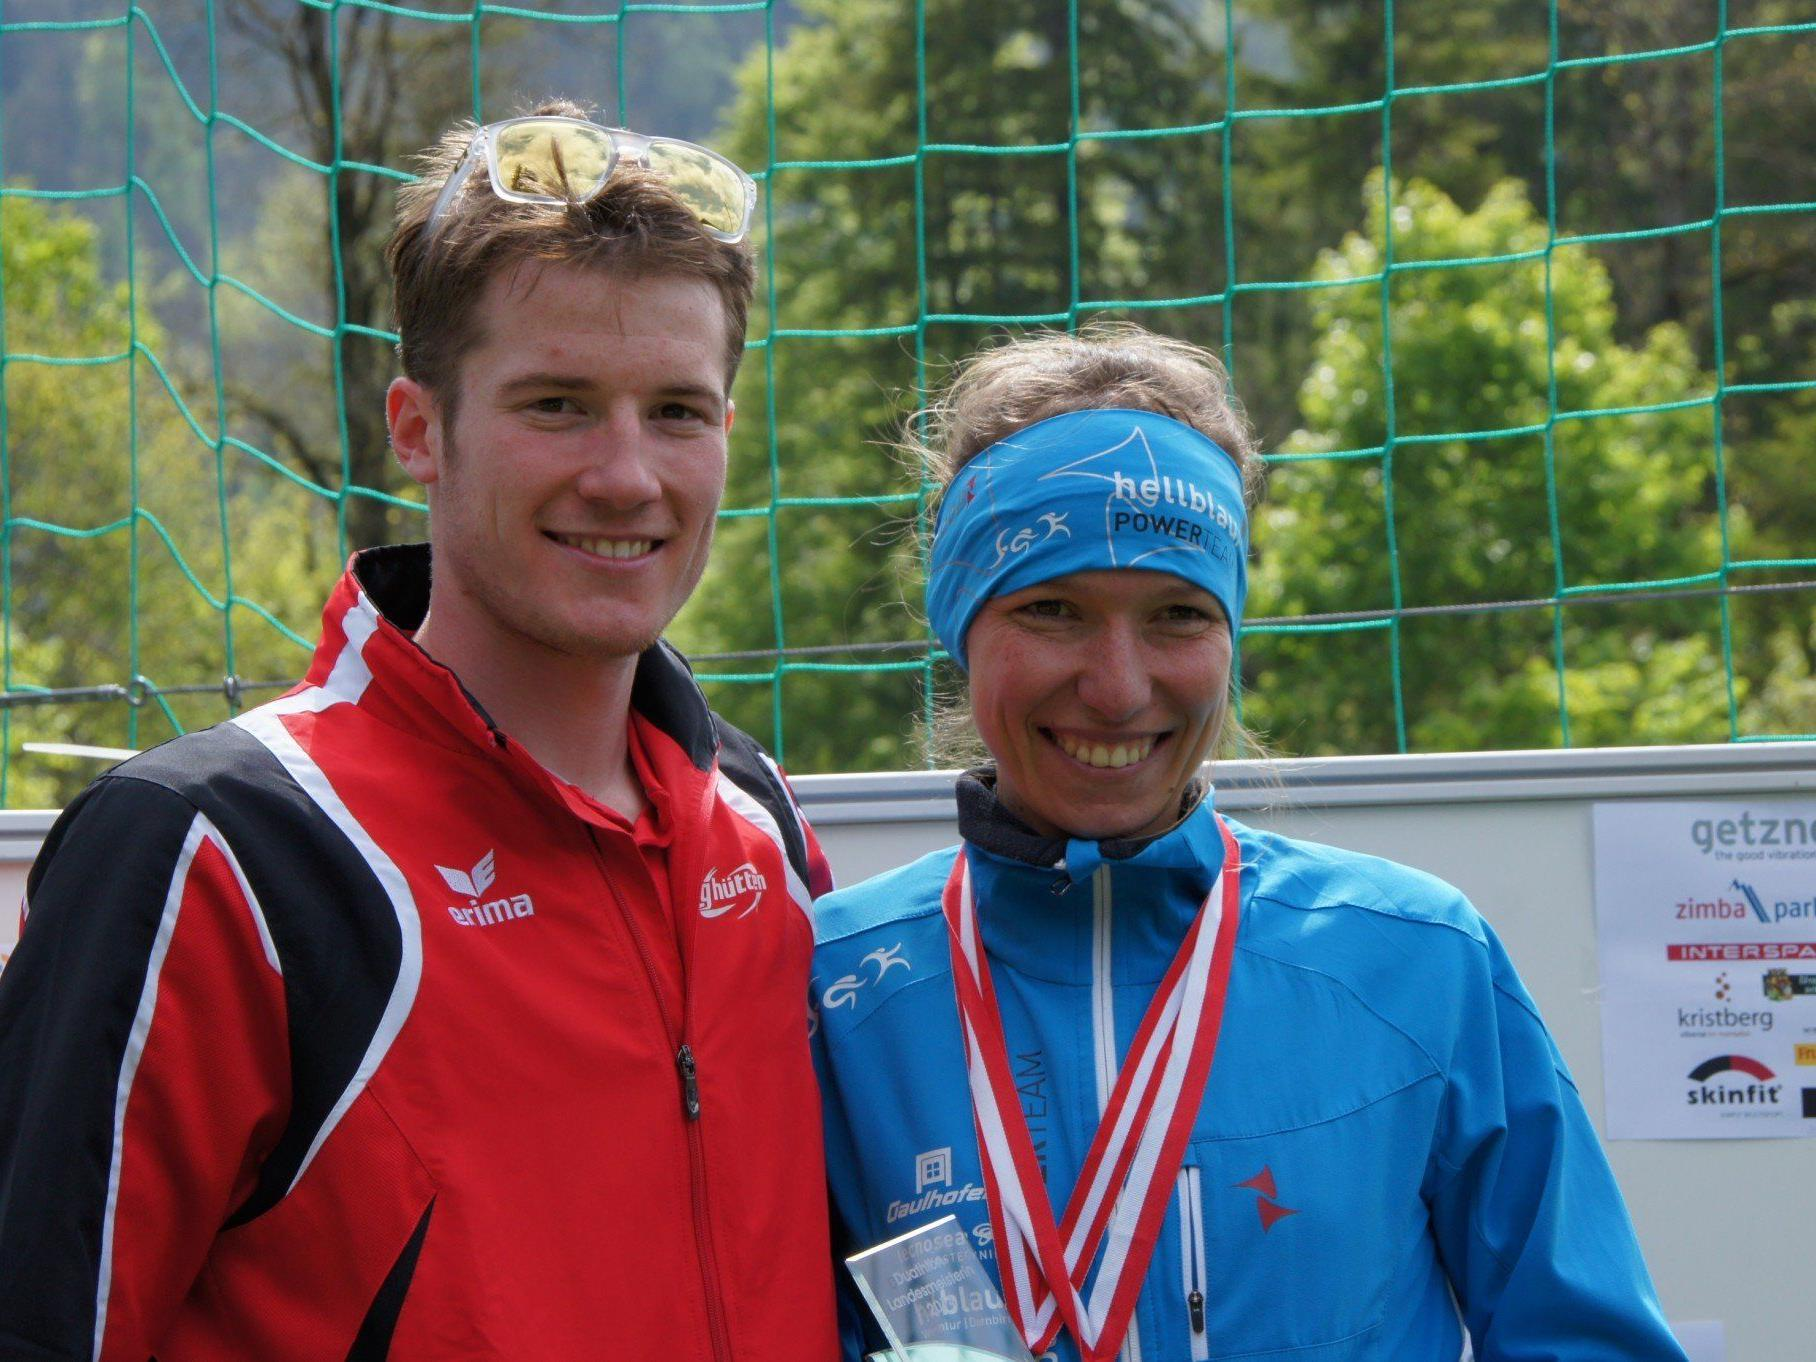 Denise Neufert und Martin Bader heißen die neuen Landesmeister im Duathlon.